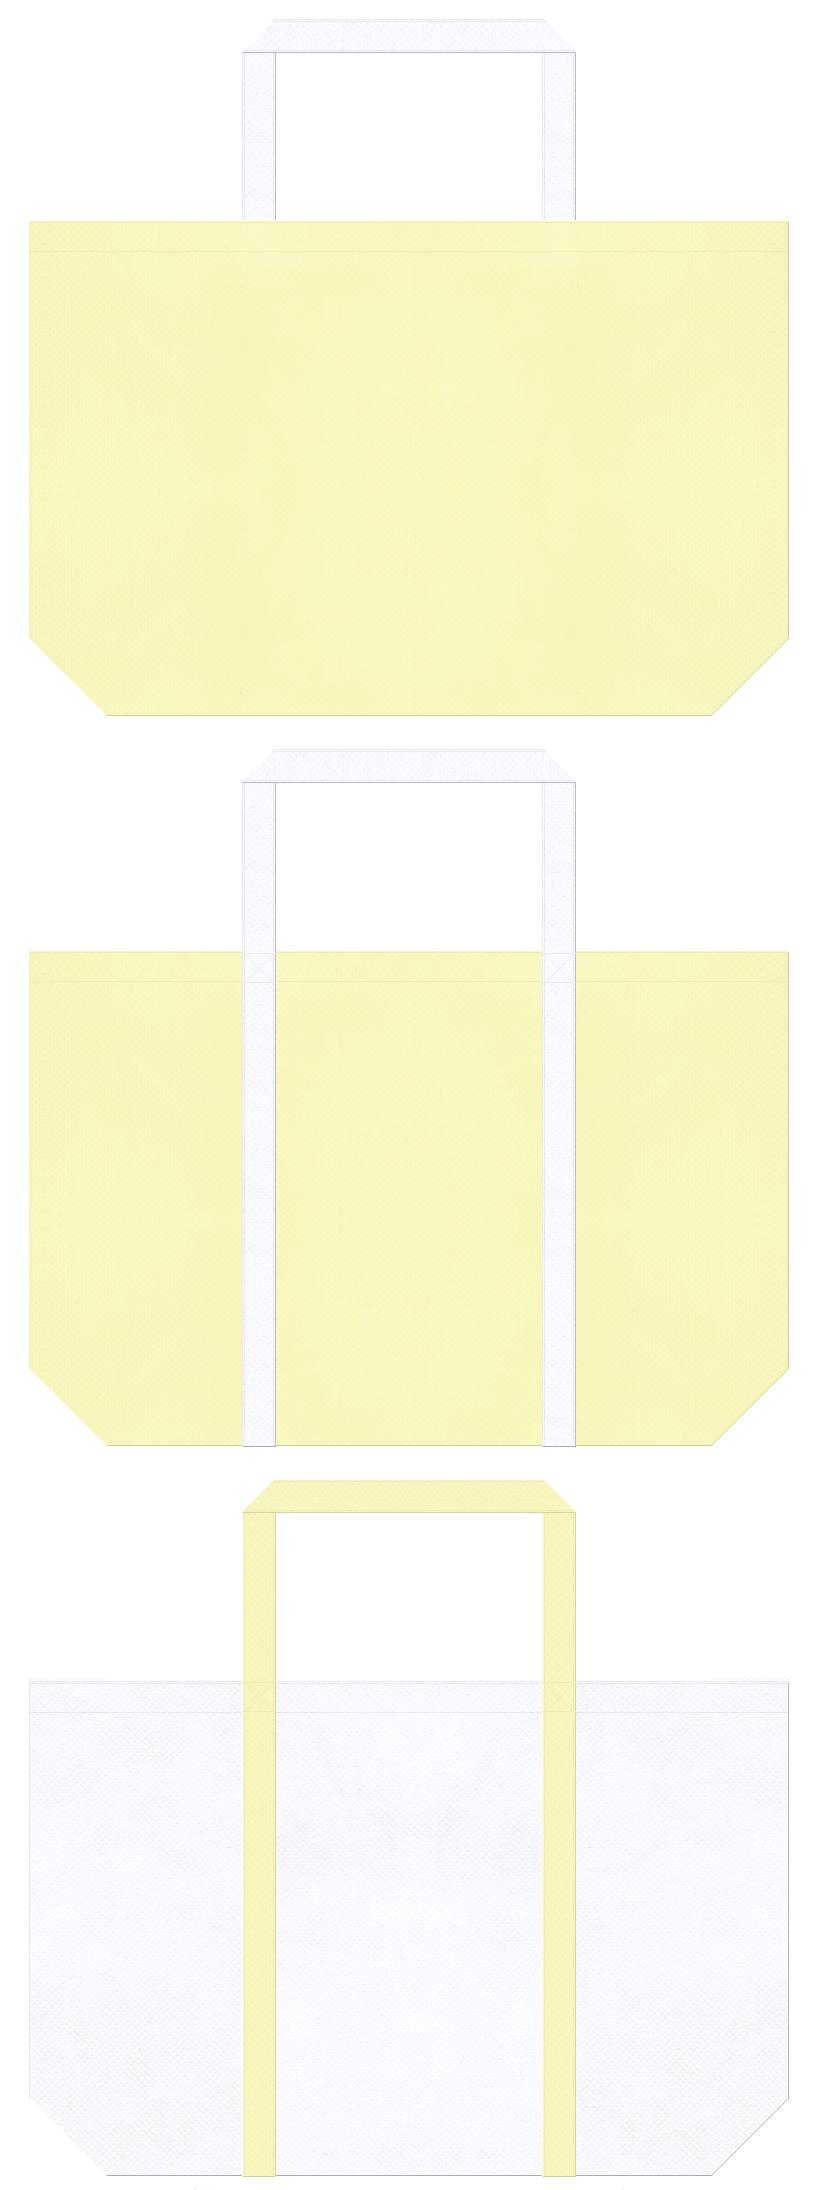 薄黄色と白色の不織布マイバッグデザイン